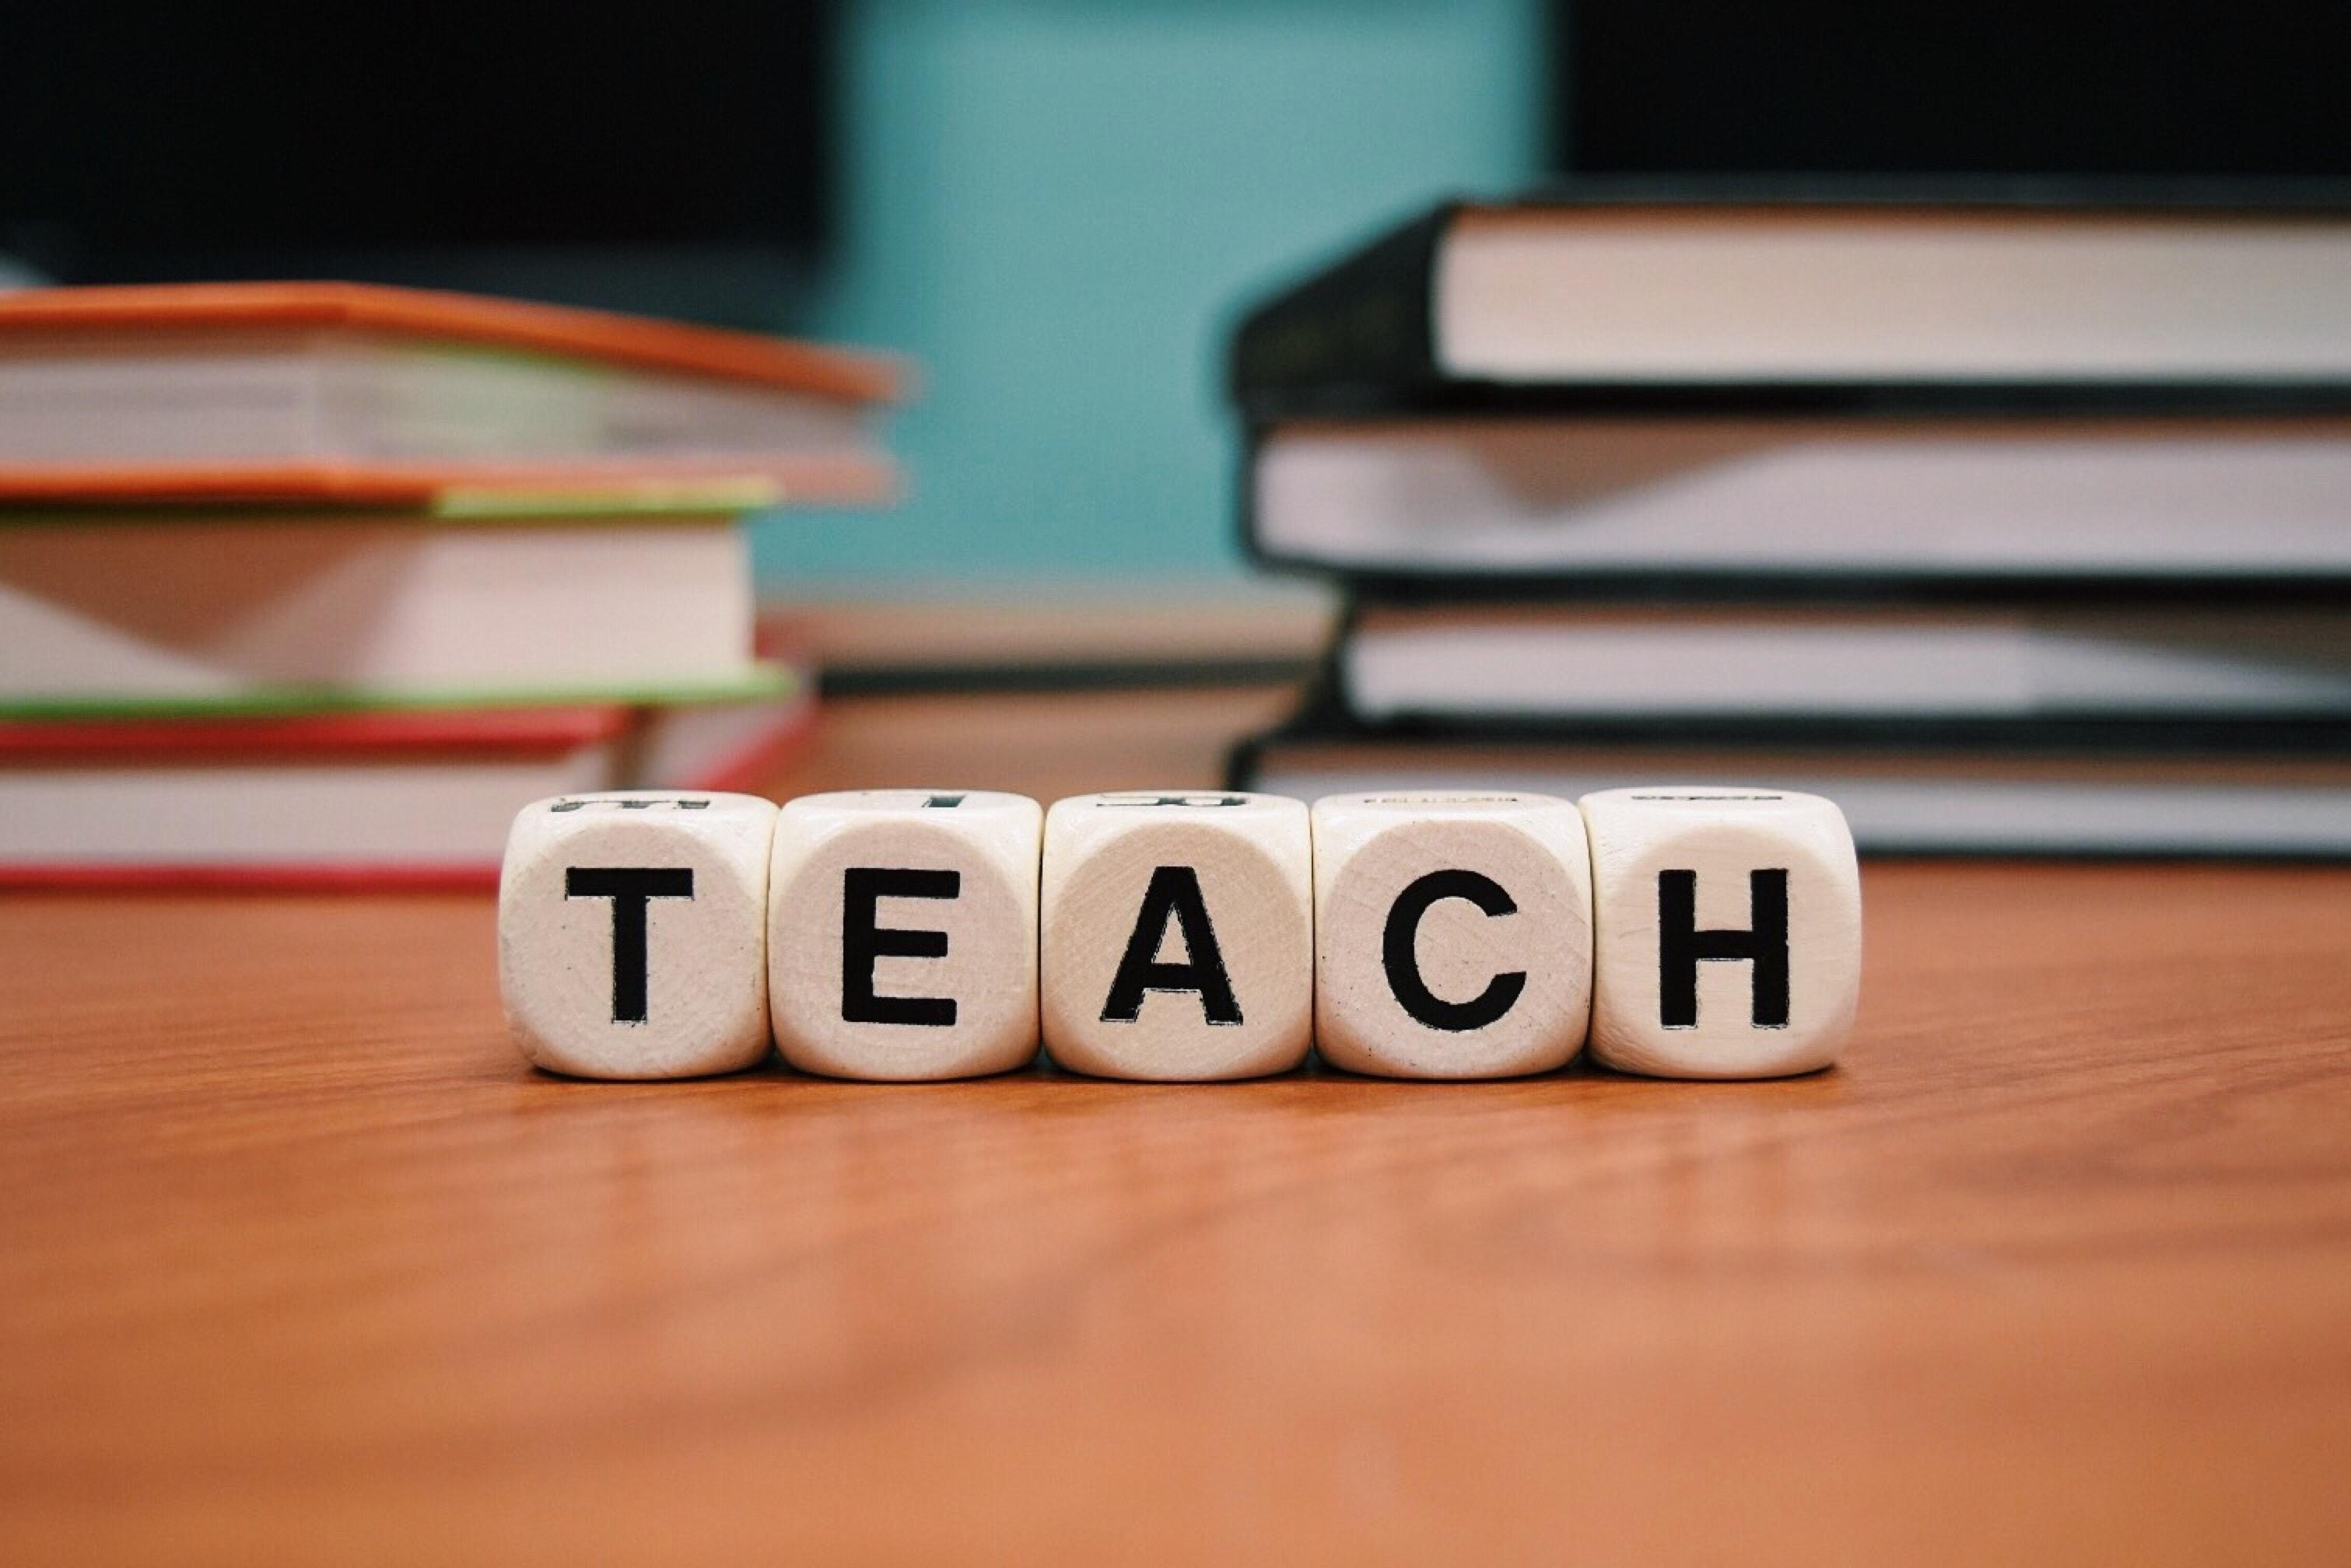 Sogni di diventare un insegnante? Parti per uno stage di insegnamento in Cina